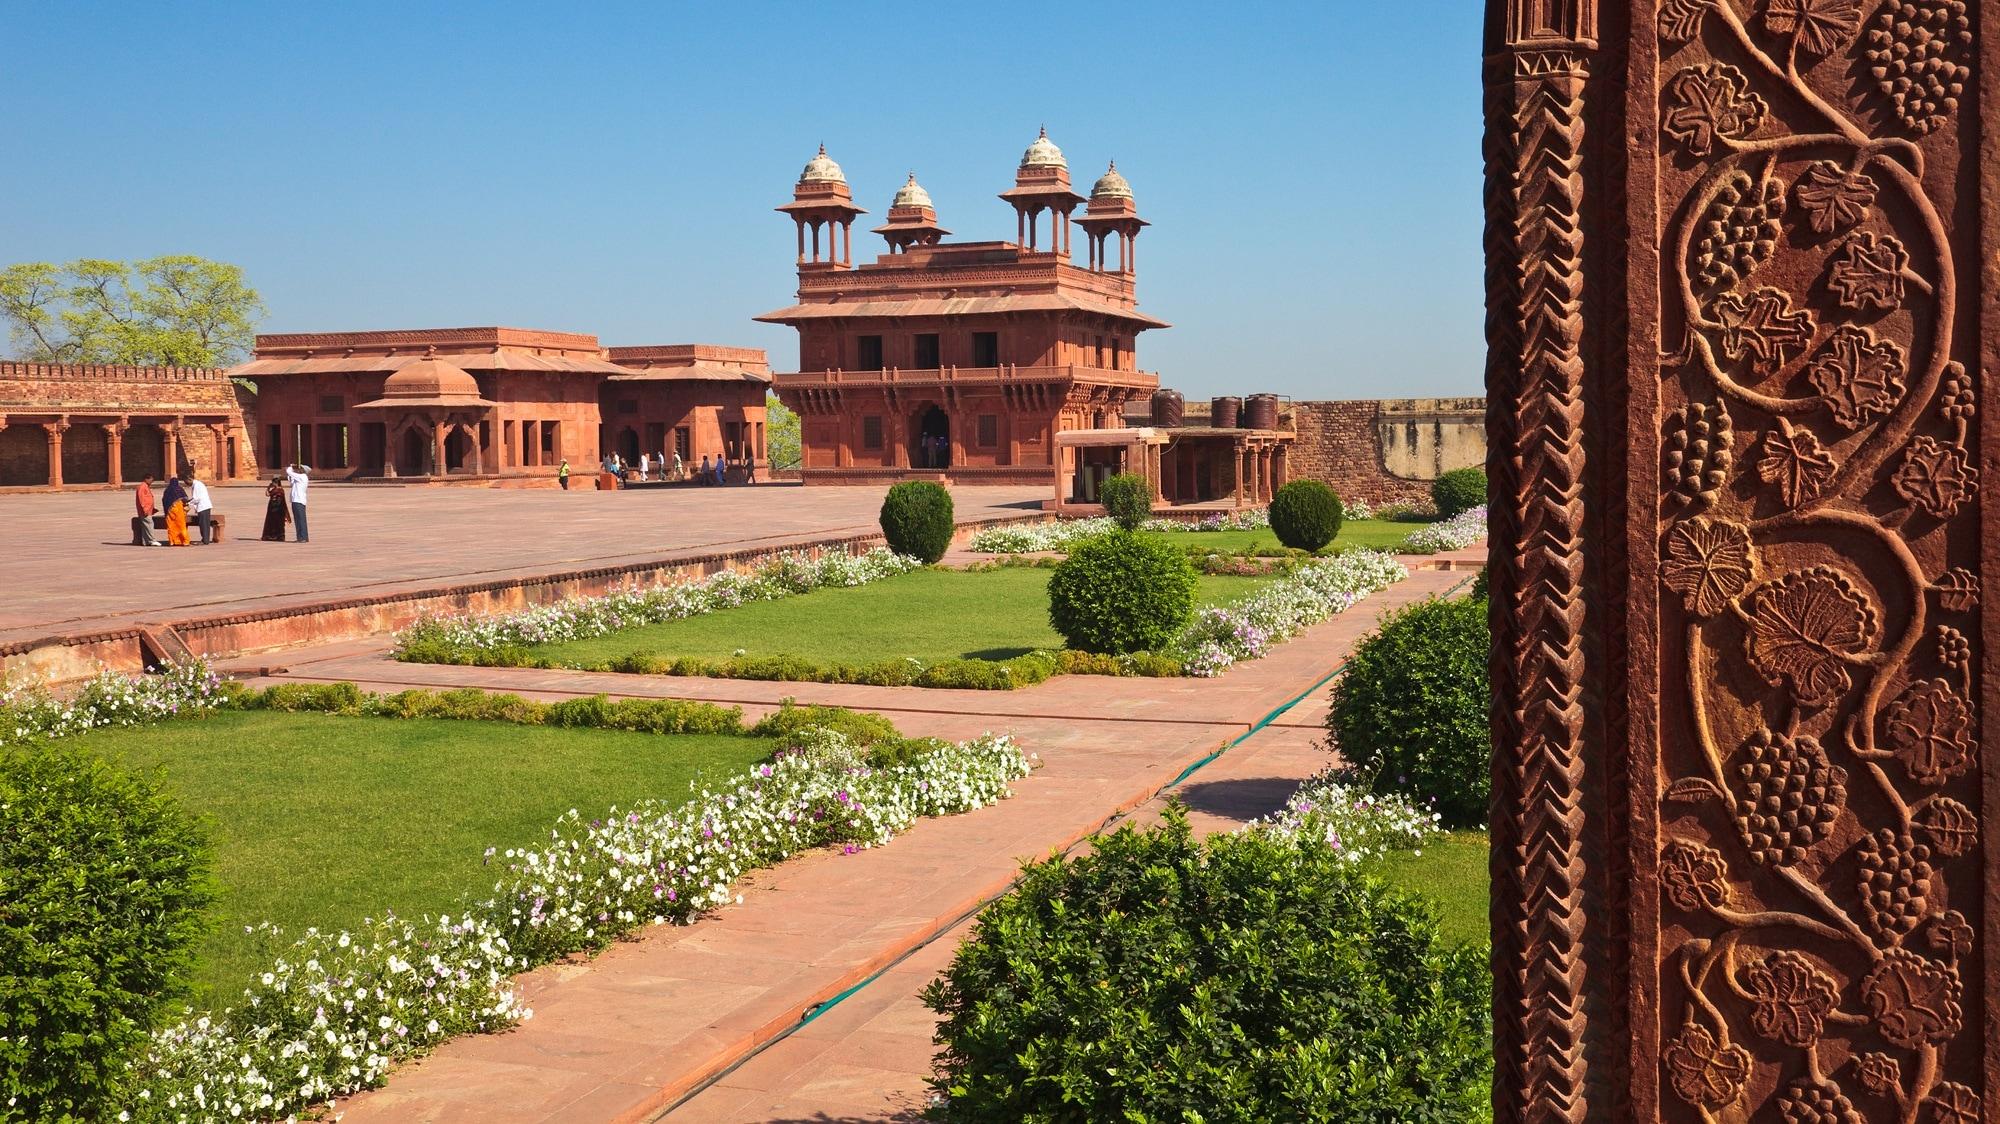 Fatehpur Sikri Fort Interiors